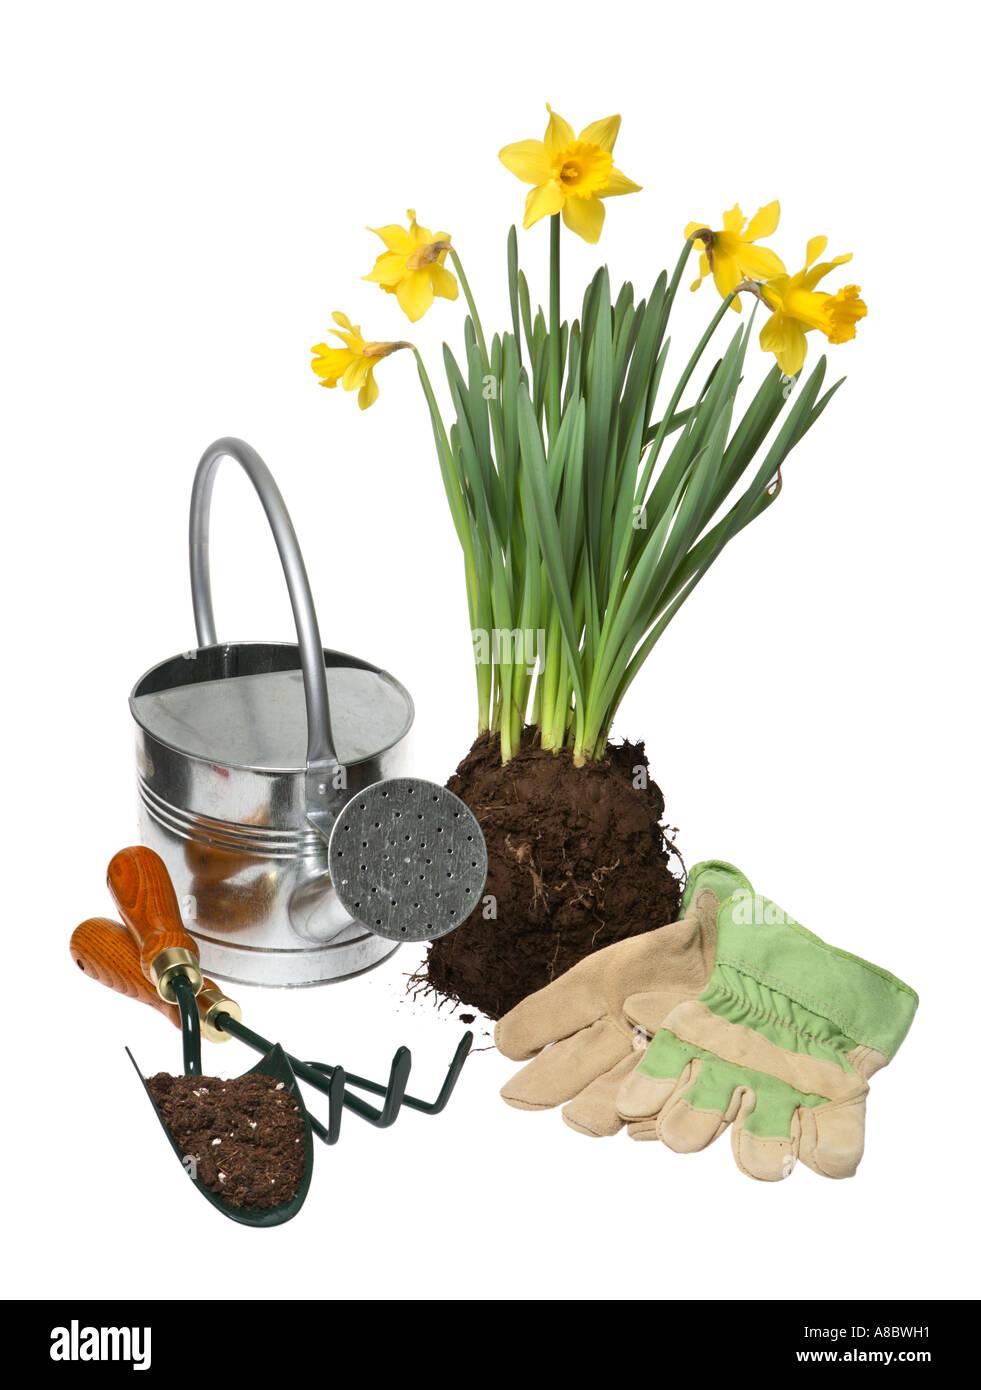 Gardening things - Stock Image